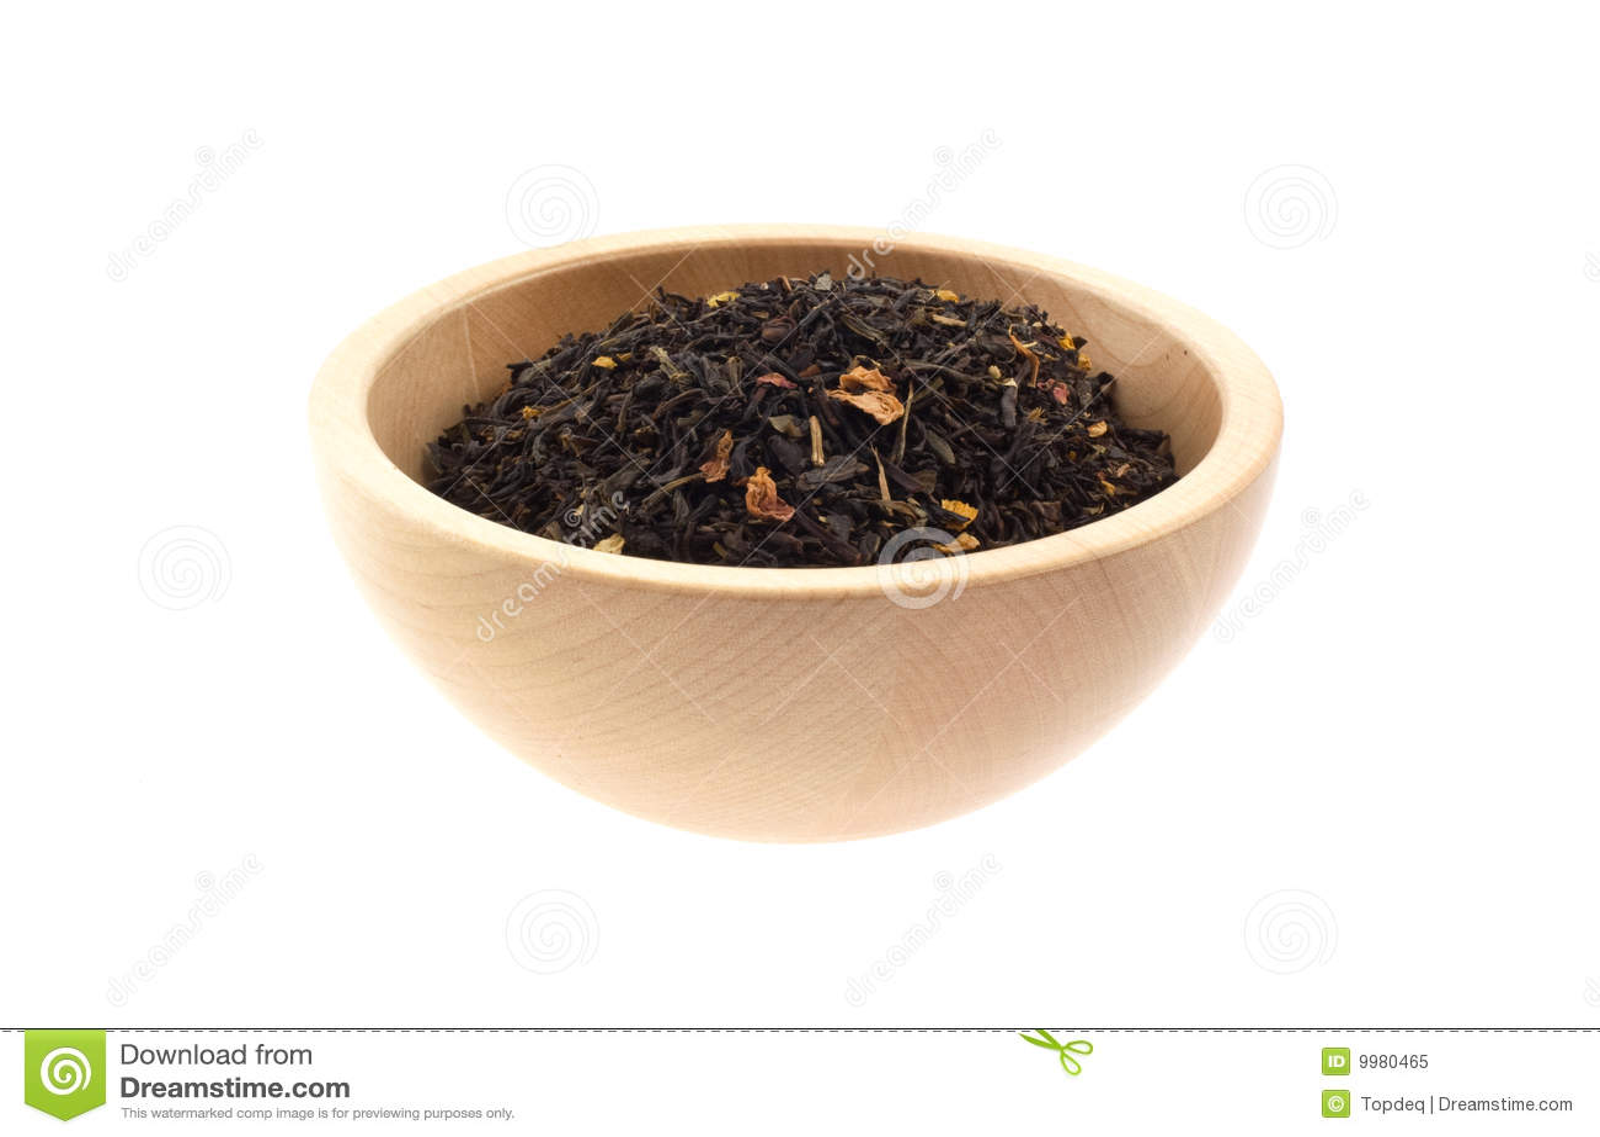 Zwarte thee in een houten kom